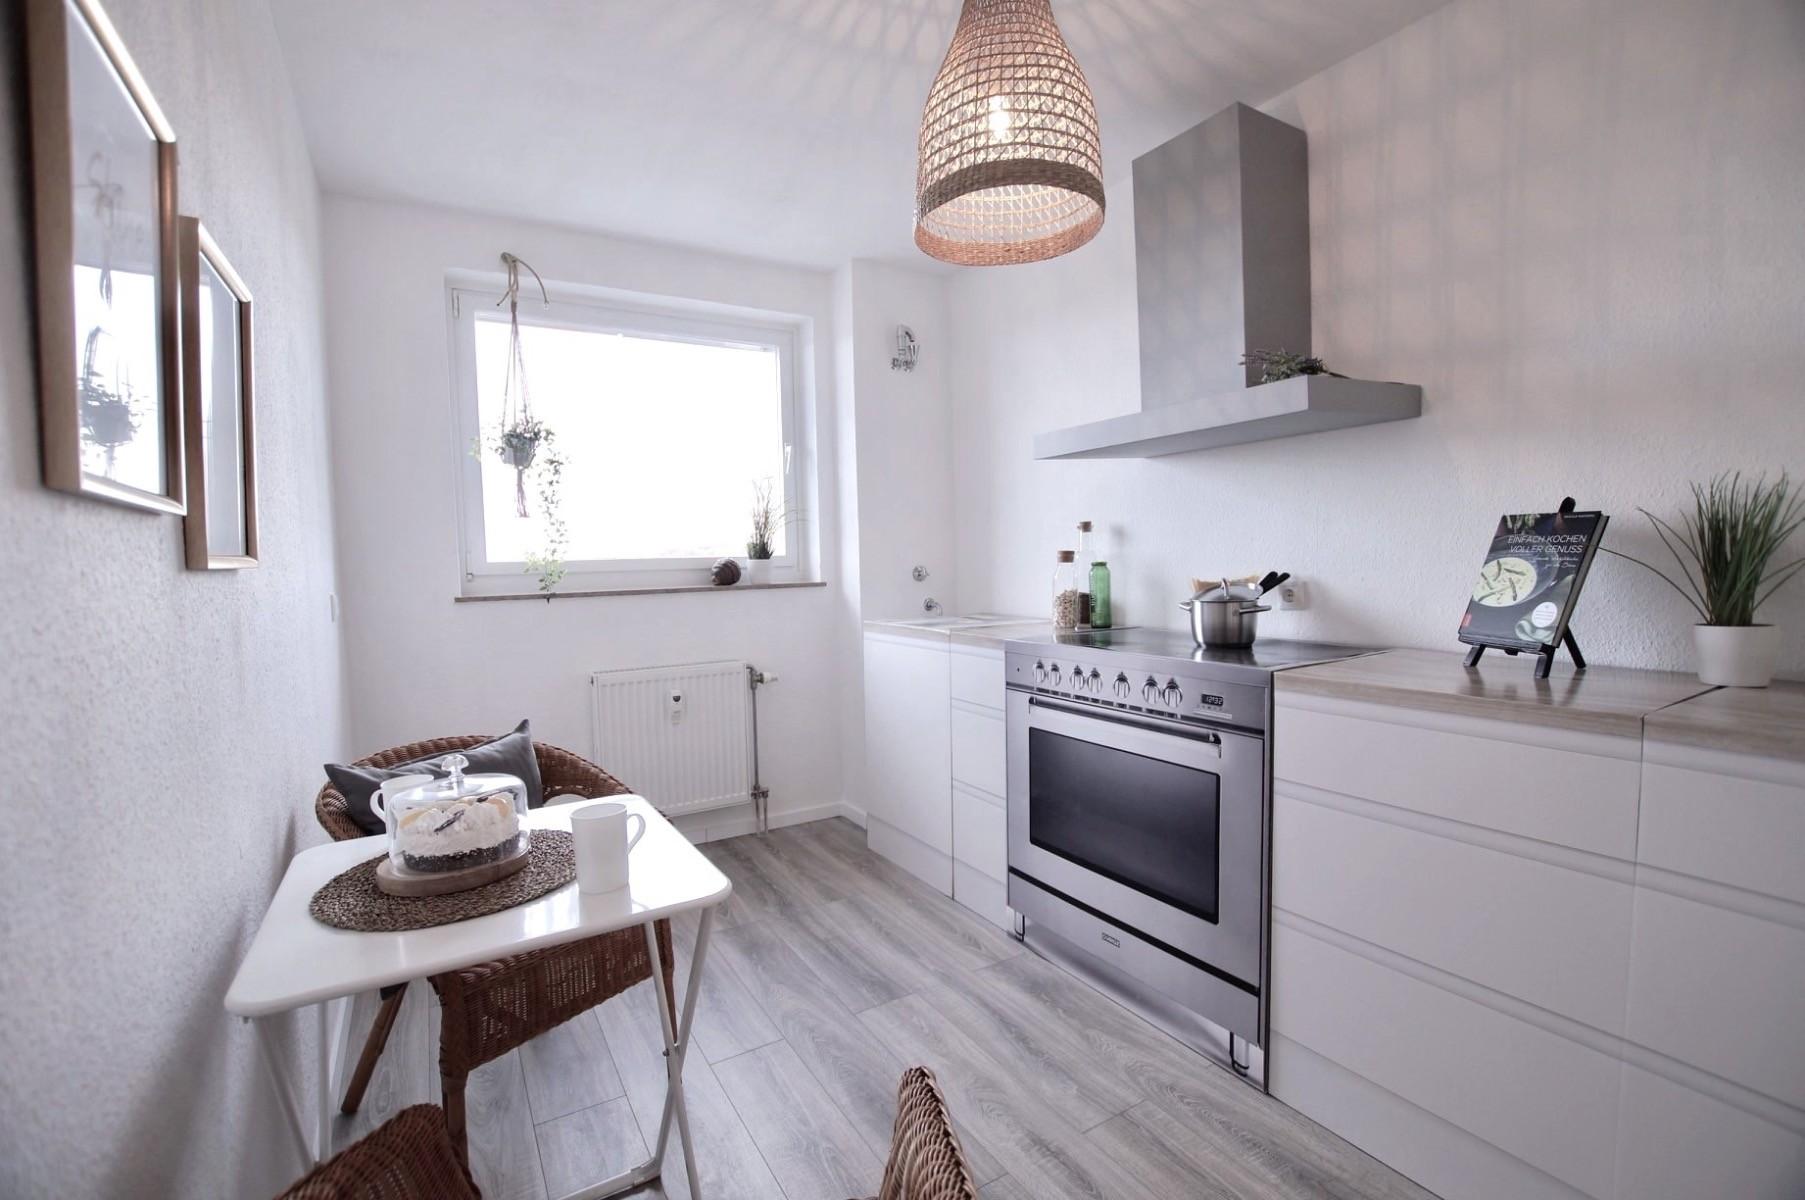 Pudda Homestaging met een kartonnen keuken basic uitvoering van cubiqz